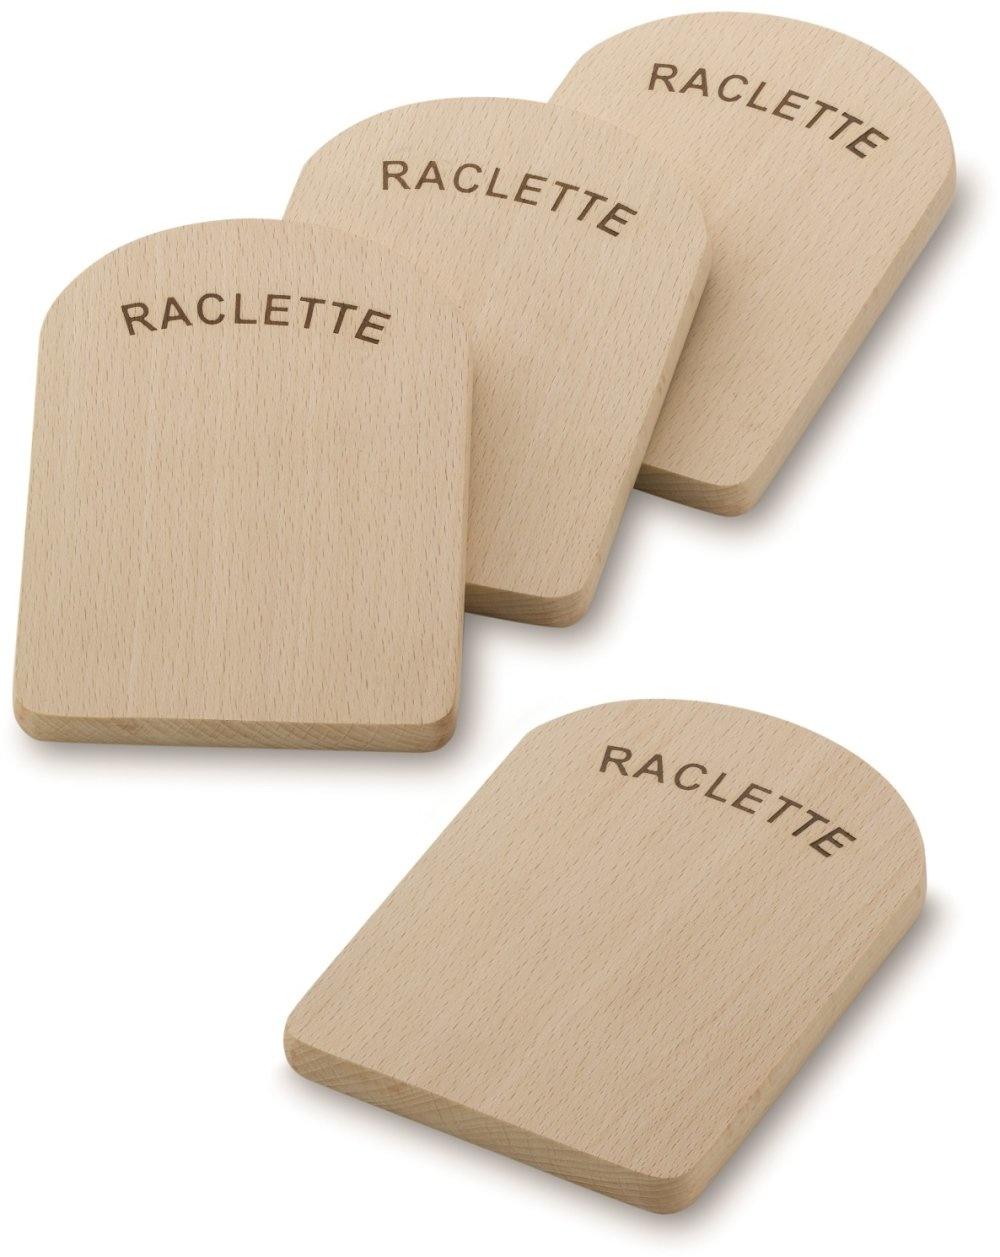 Kela Keuken Raclette Serveerplankjes Set van 4 Stuks